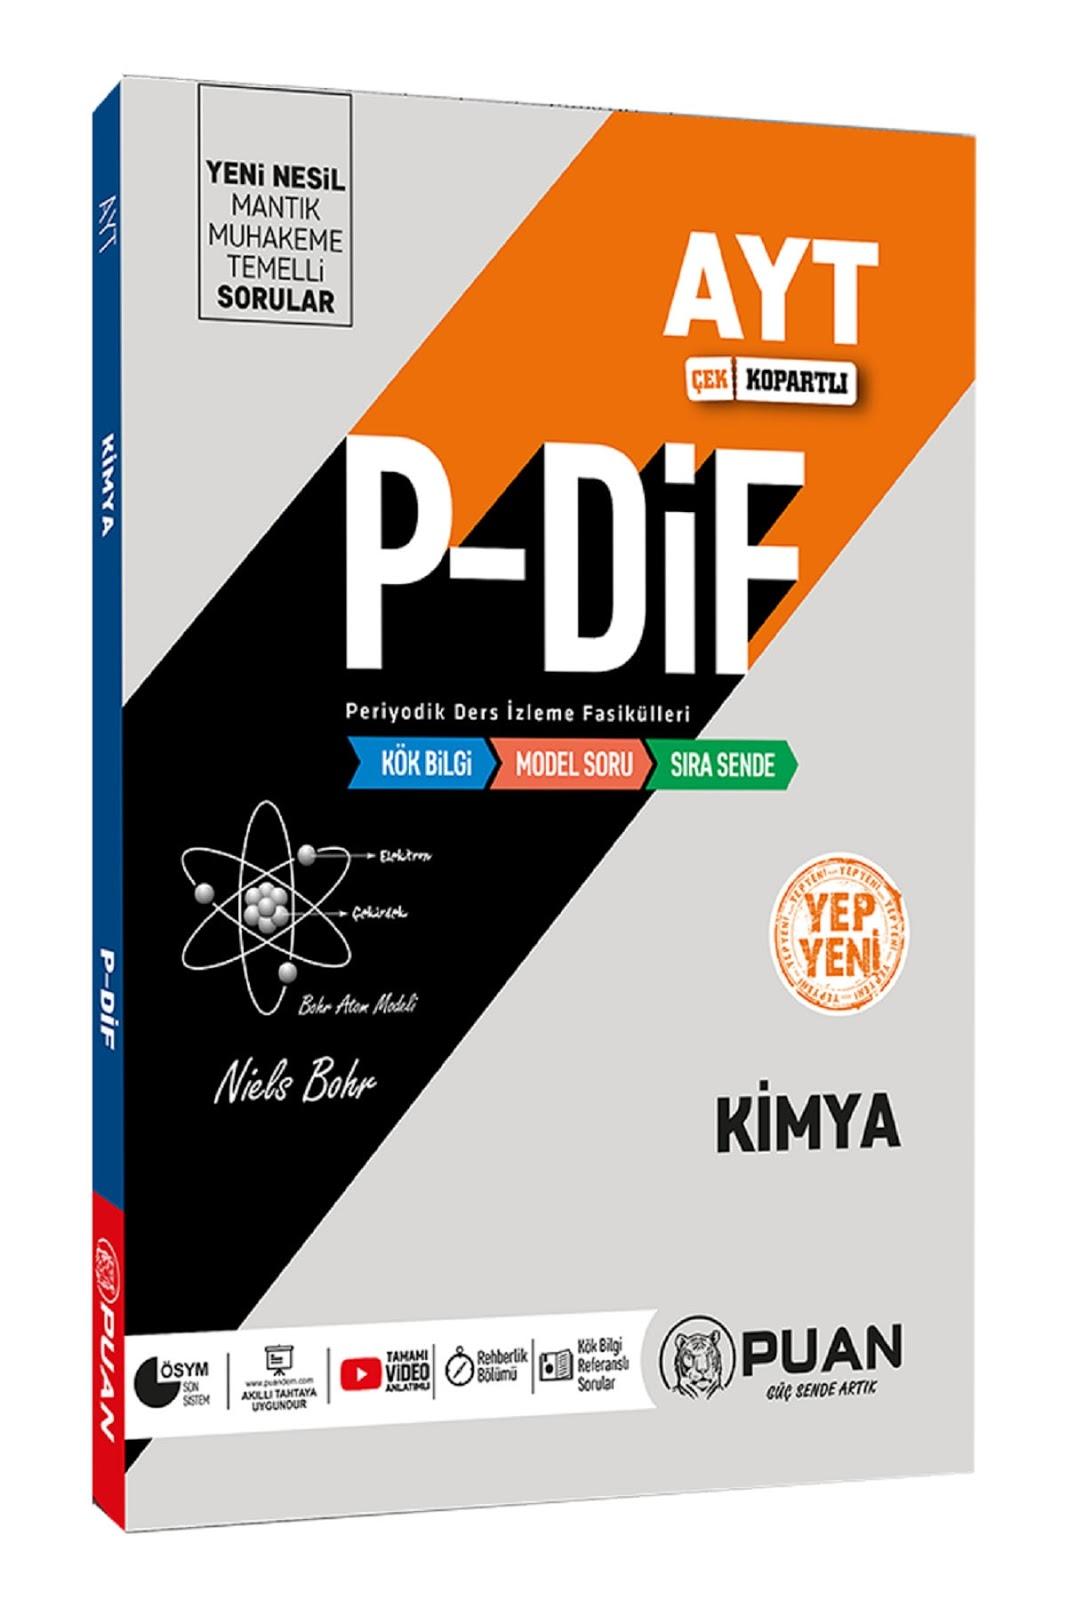 Puan Yayınları - AYT Kimya - P-Dif Fasikülleri